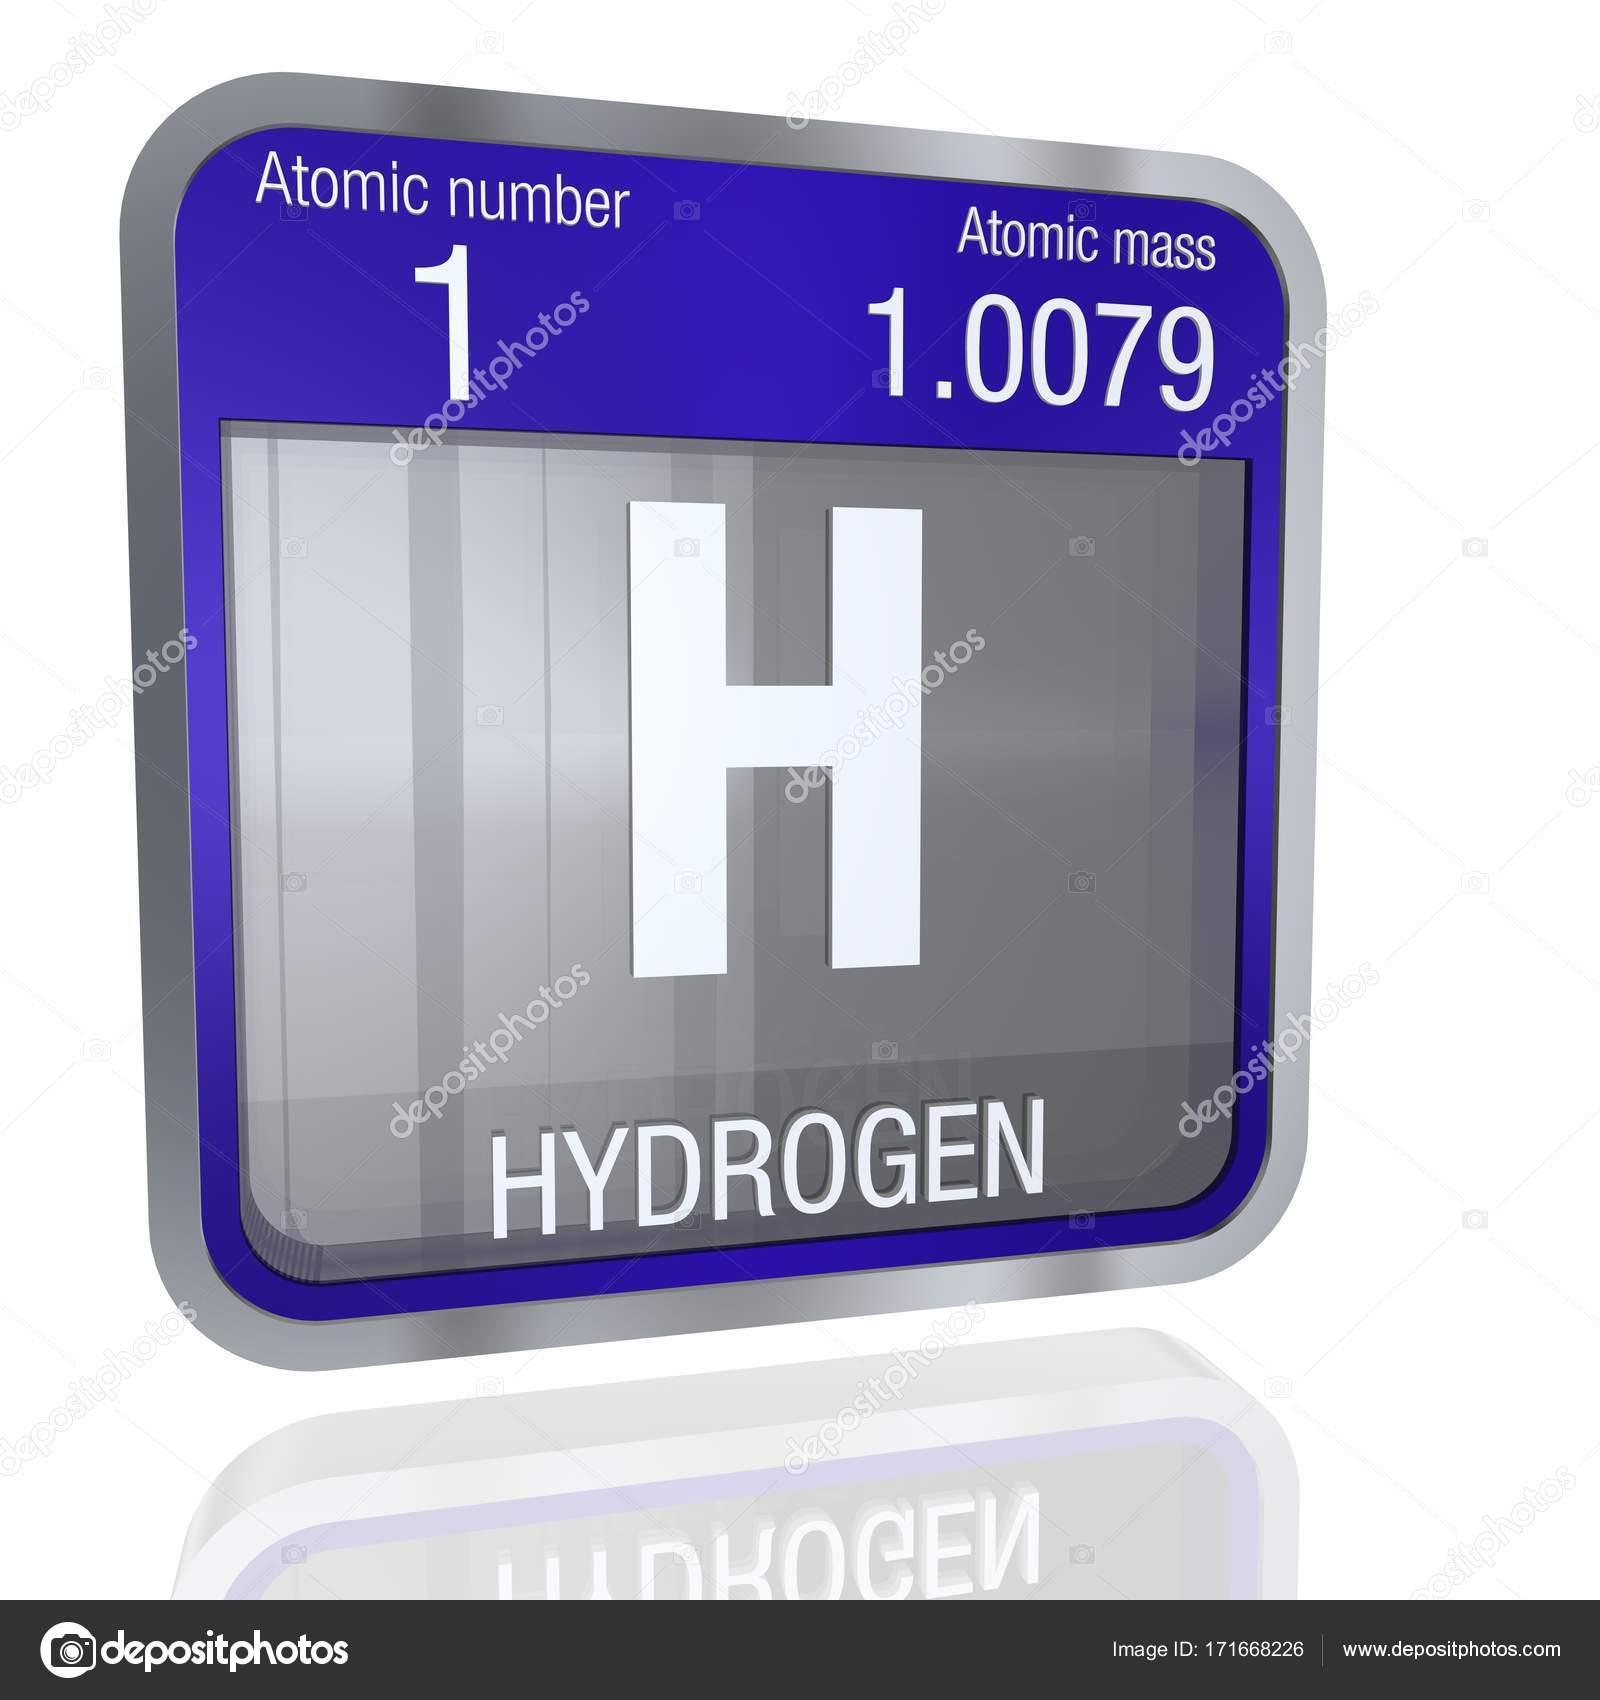 Smbolo del hidrgeno en forma cuadrada con borde metlico y fondo elemento nmero 1 de la tabla peridica de los elementos qumica foto de alejomiranda urtaz Image collections